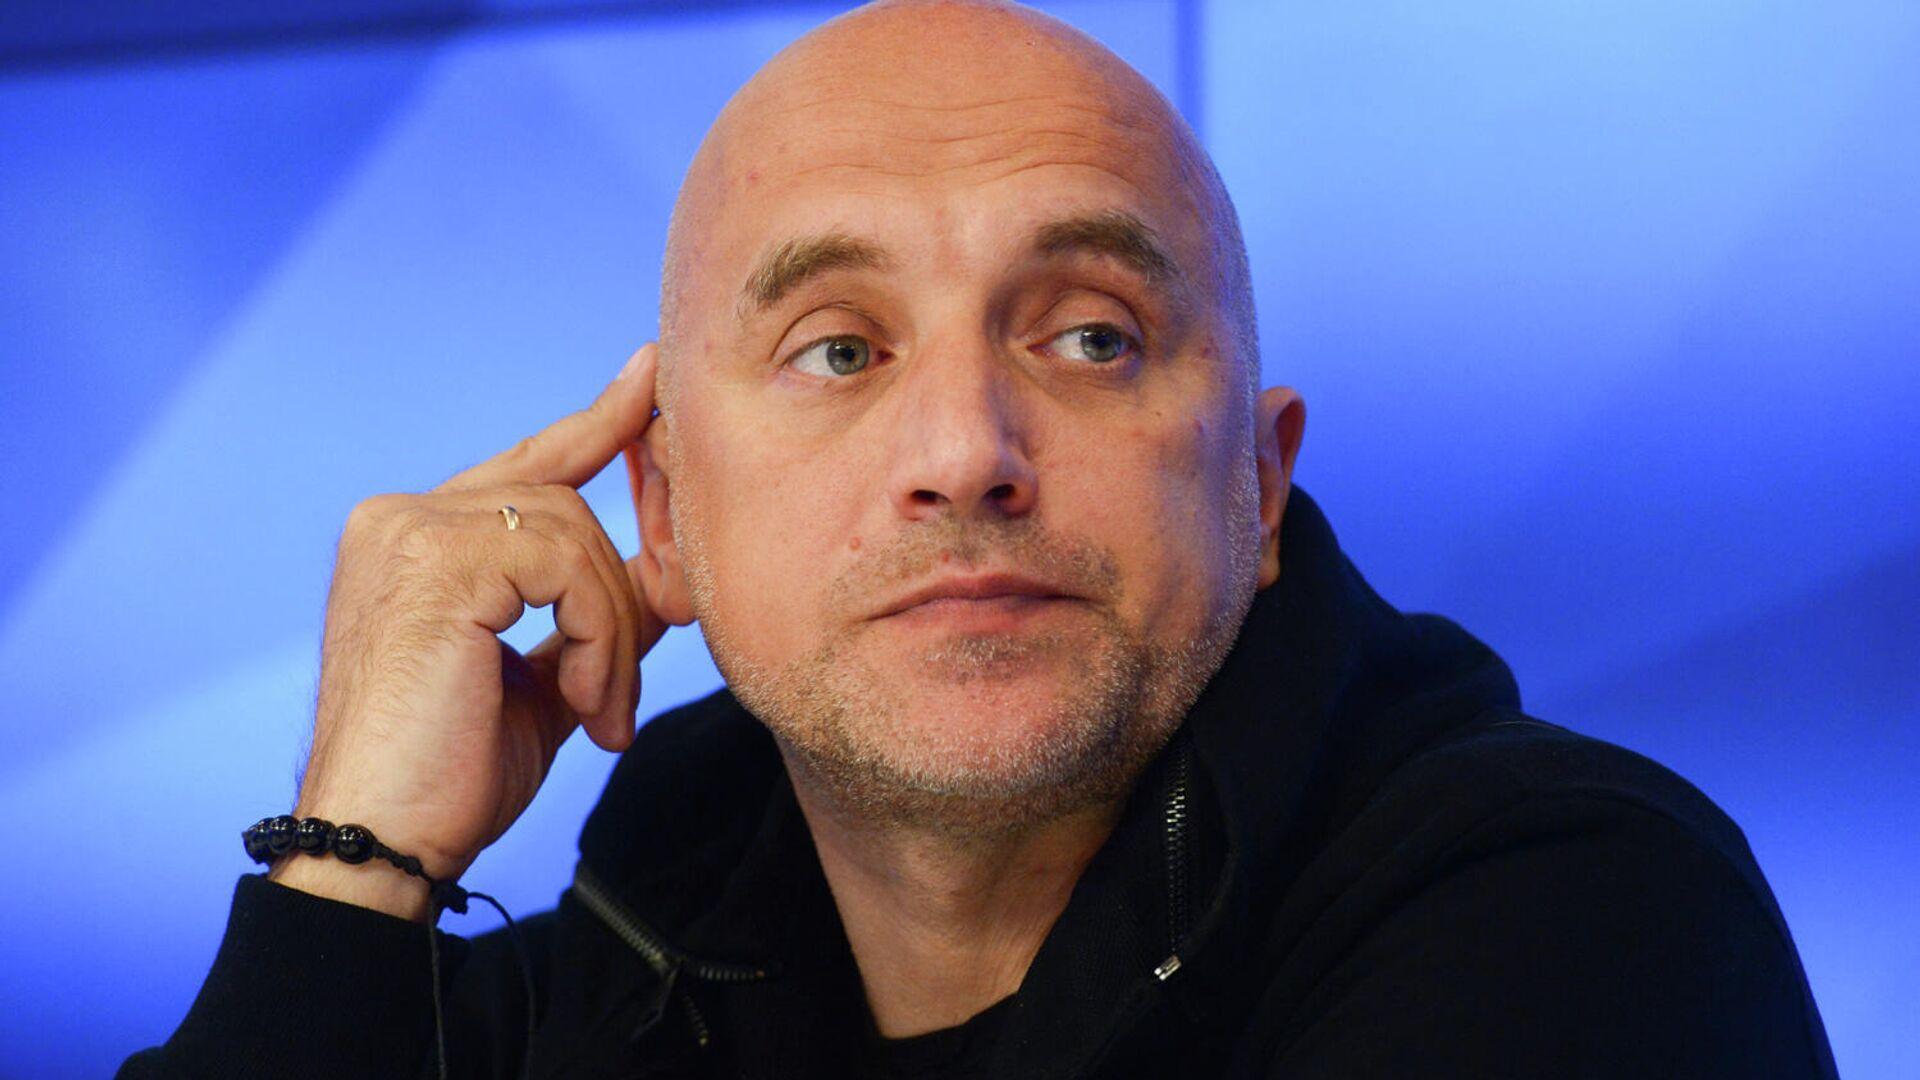 Захар Прилепин возглавит список партии на выборах в Госдуму